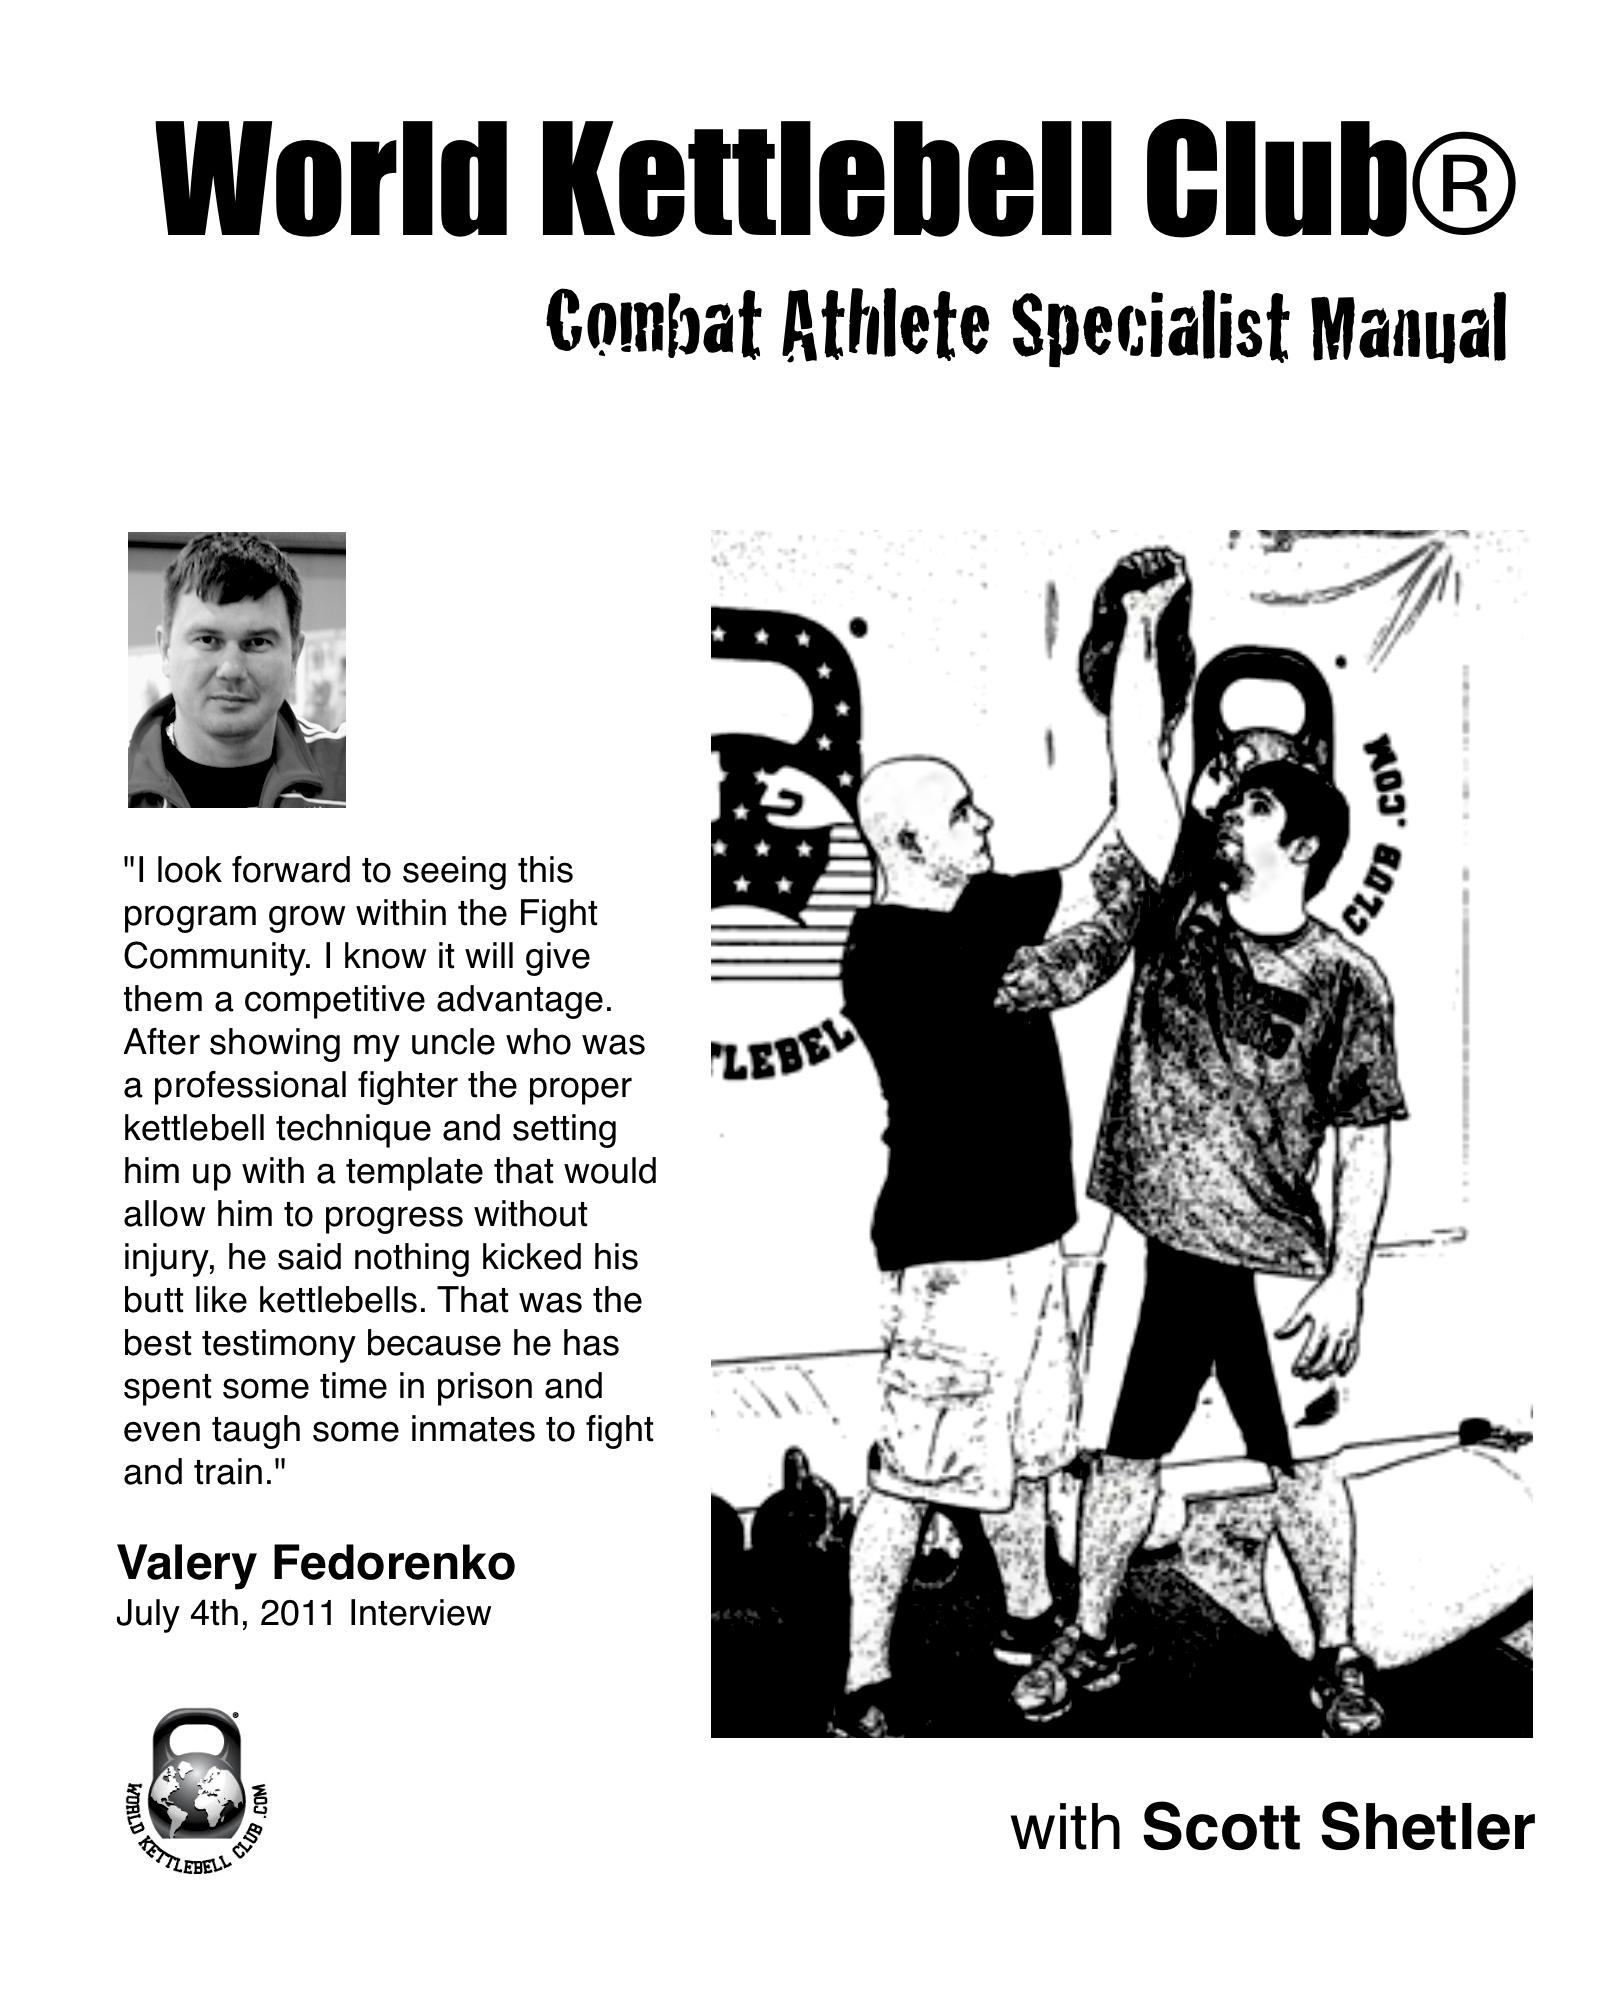 Kettlebell Training For Athletes: Scott Shetler's Extreme Conditioning & Fitness Blog